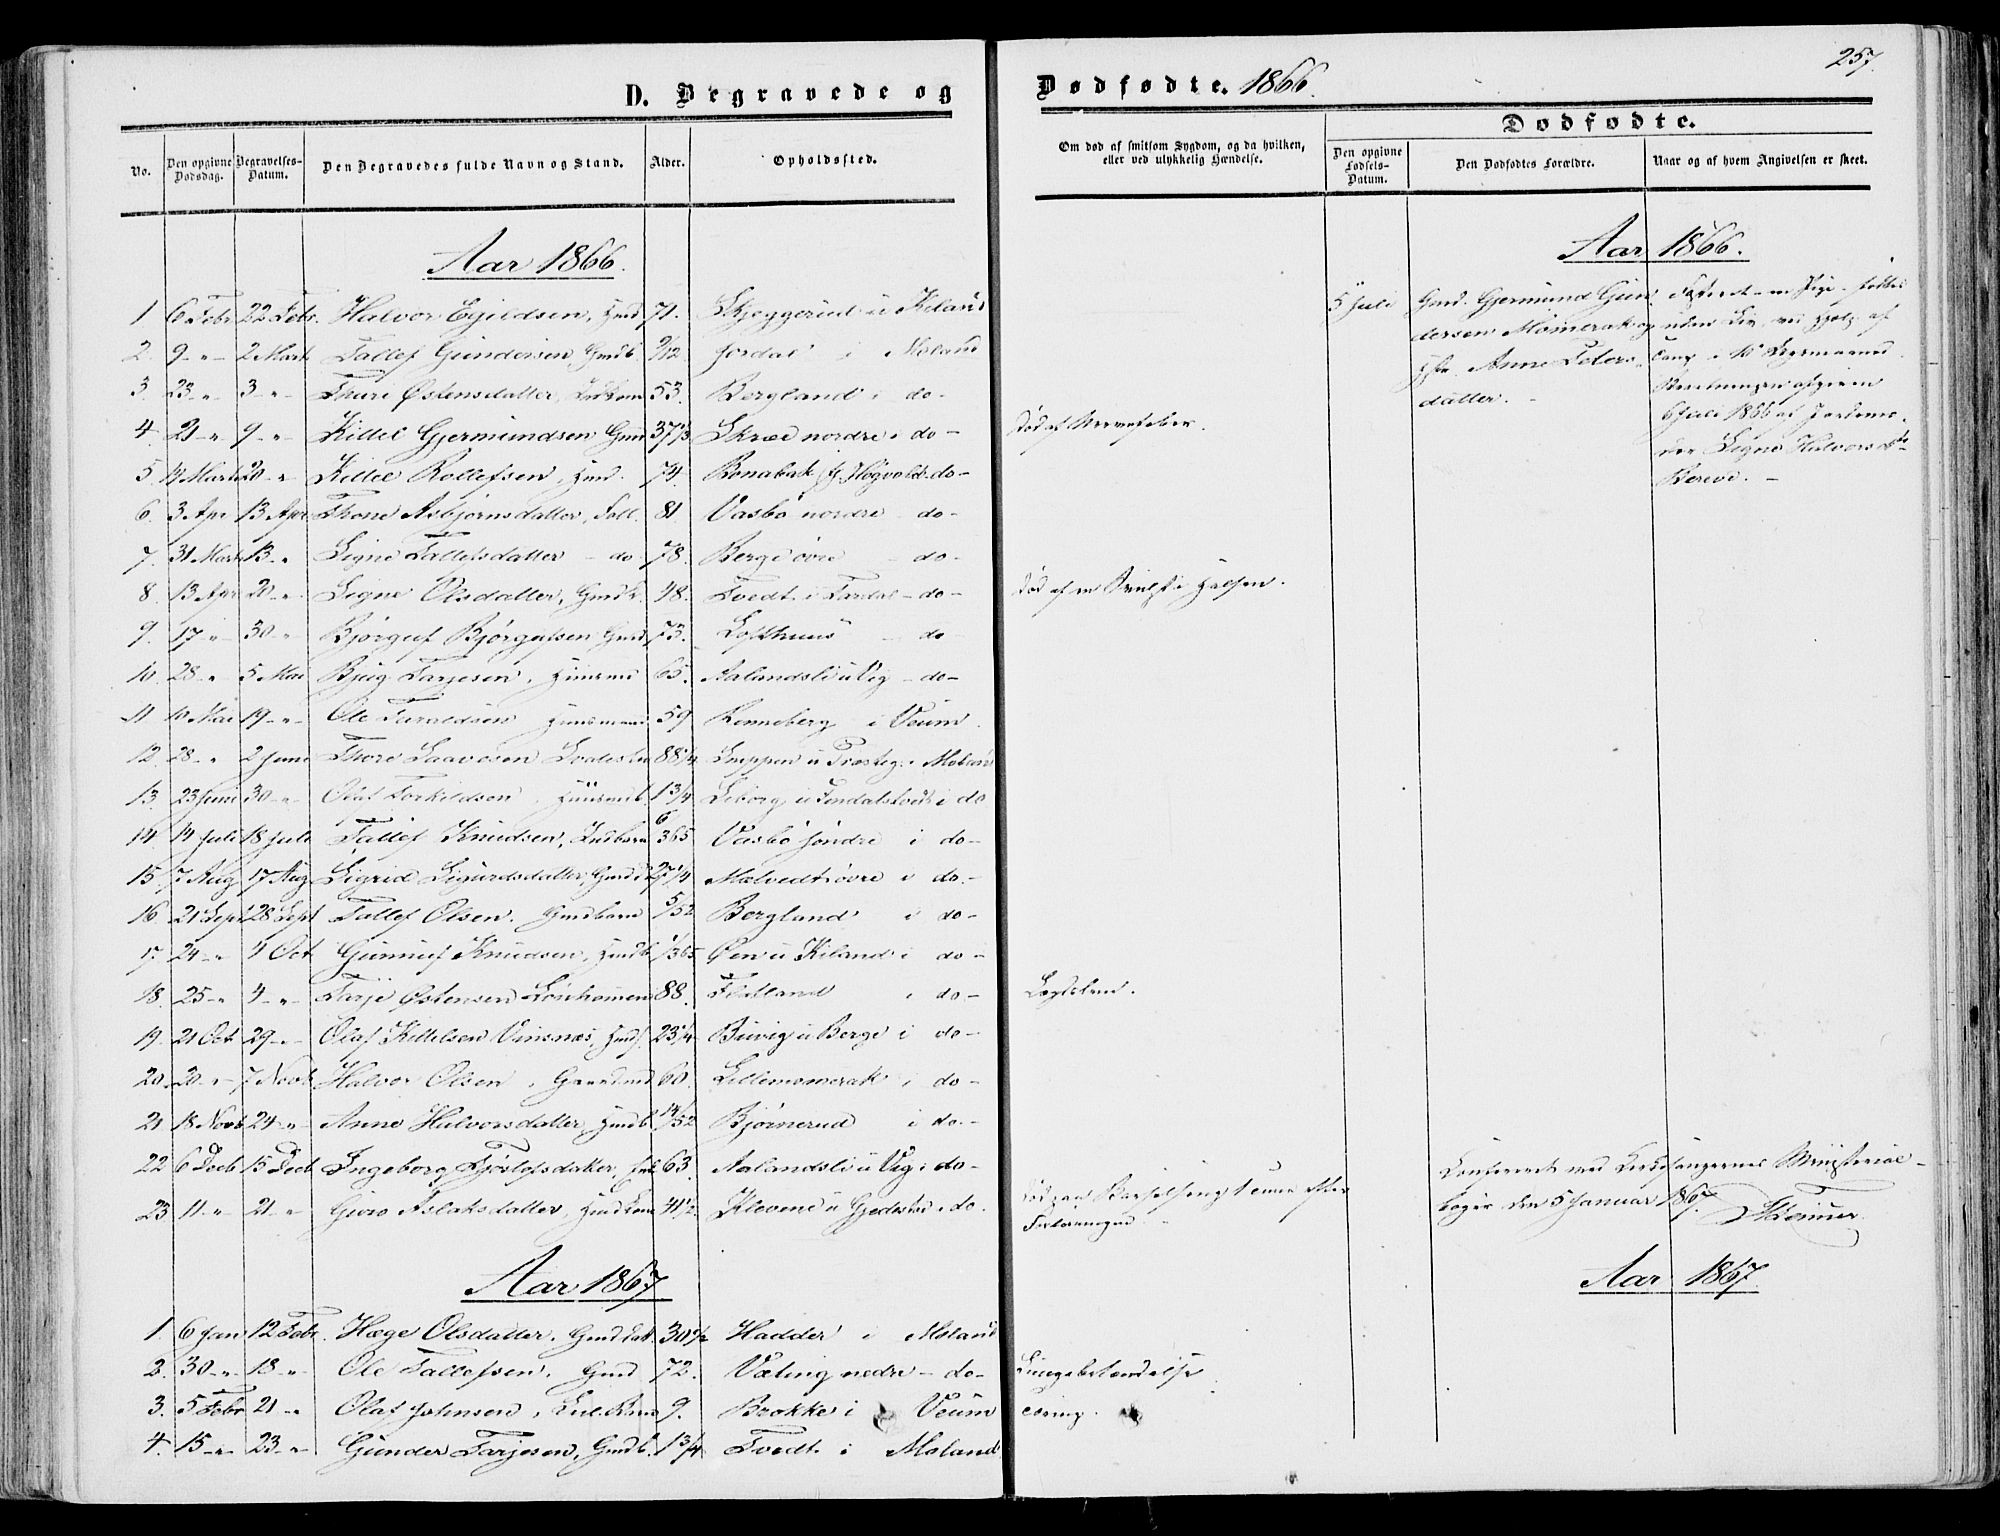 SAKO, Fyresdal kirkebøker, F/Fa/L0005: Ministerialbok nr. I 5, 1855-1871, s. 257